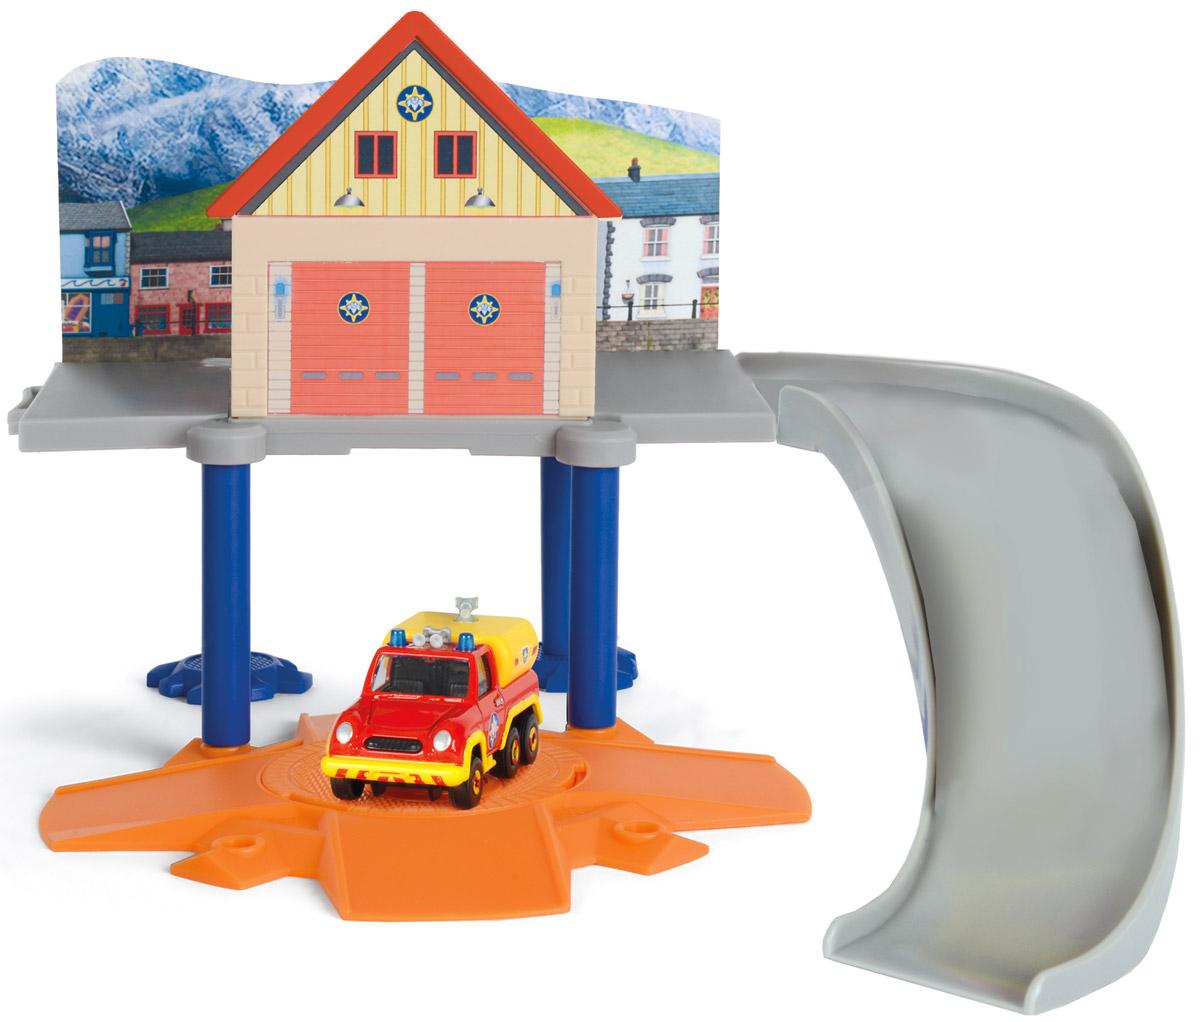 Dickie Toys Игровой набор Маленький пожарный гараж3099619, 9257651, 203099619038Игровой набор Dickie Toys Пожарный гараж выполнен по мотивам мультфильма Пожарный Сэм. При помощи данного набора ребенок сможет почувствовать себя самым настоящим пожарным. В комплект входит строение, металлическая машинка пожарного и платформа для машинки. Конструкция представляет собой гараж, стоящий на четырех высоких подставках. Из гаража машинка может съезжать по удобному спуску. Двери в строении открываются и закрываются, чтобы ребенок мог завозить туда машинку. Платформа может поворачиваться на 360 градусов. Модель можно совмещать посредством бокового крепления с Морской станцией от Dickie, продающейся отдельно. С таким набором малыш сможет устраивать спасательные операции, воспроизводя сцены из мультфильма или придумывая новые истории.